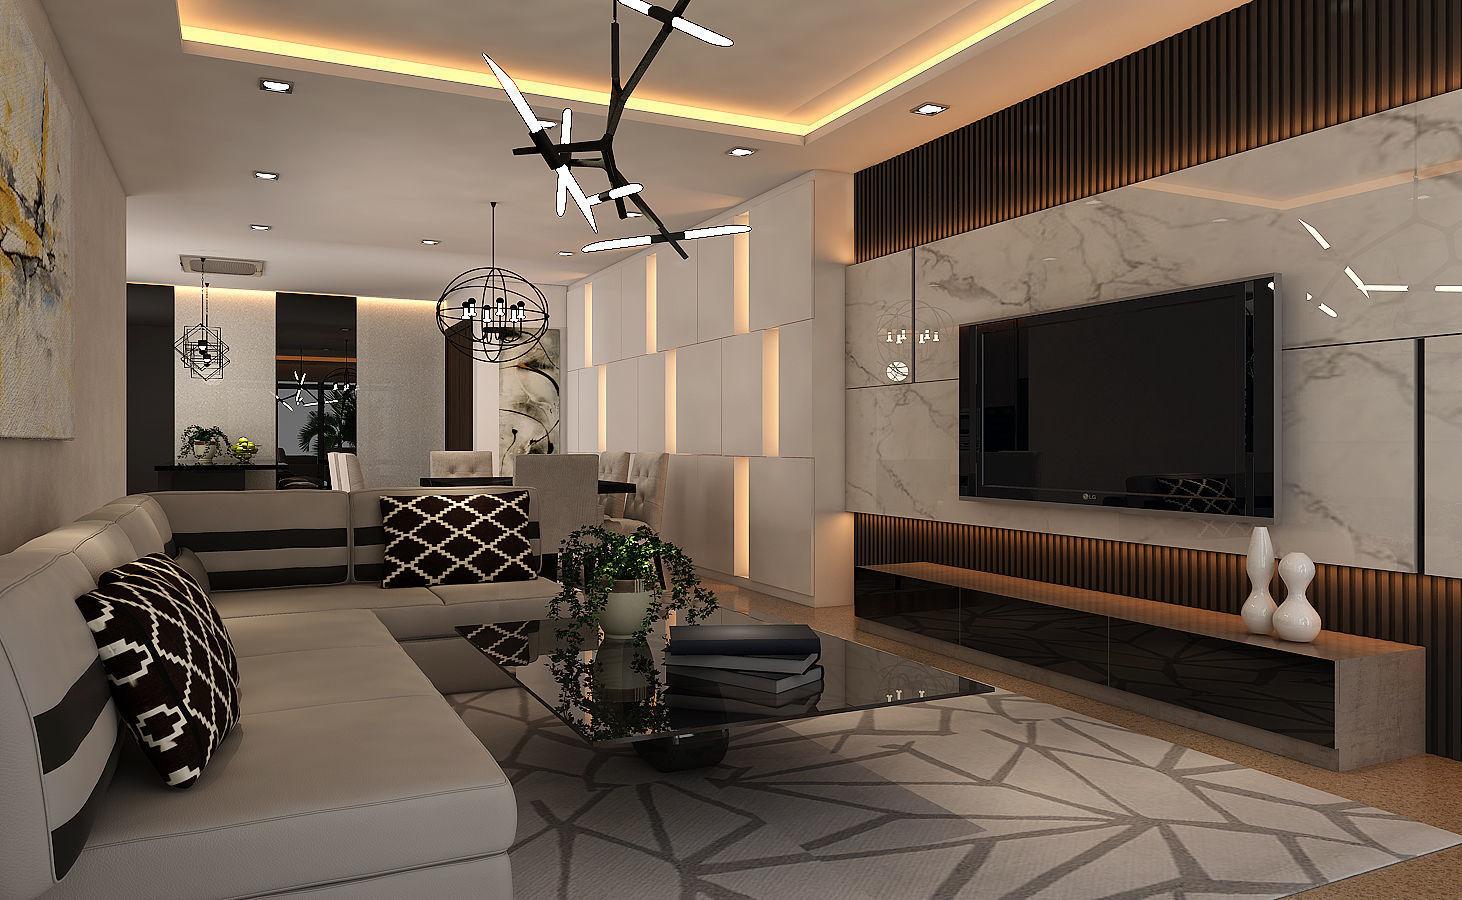 living-dining hall interior design ver 1 | 3d model